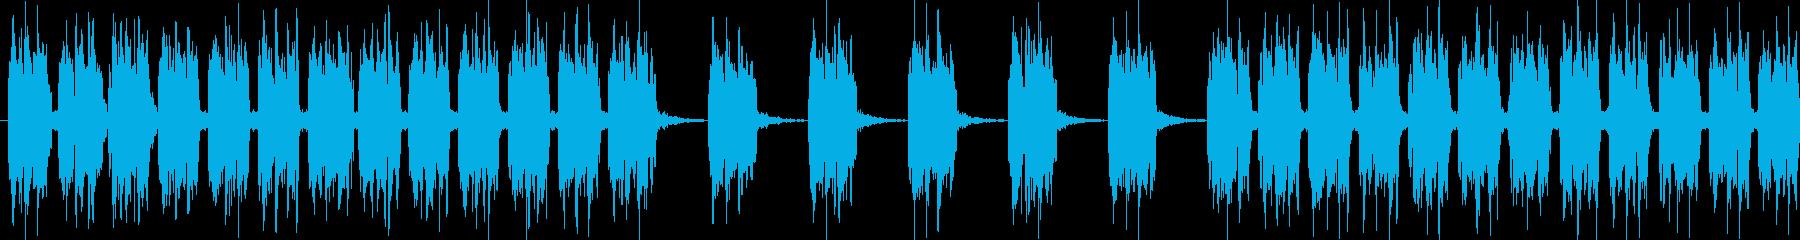 不思議なショップBGM (ループ仕様)の再生済みの波形